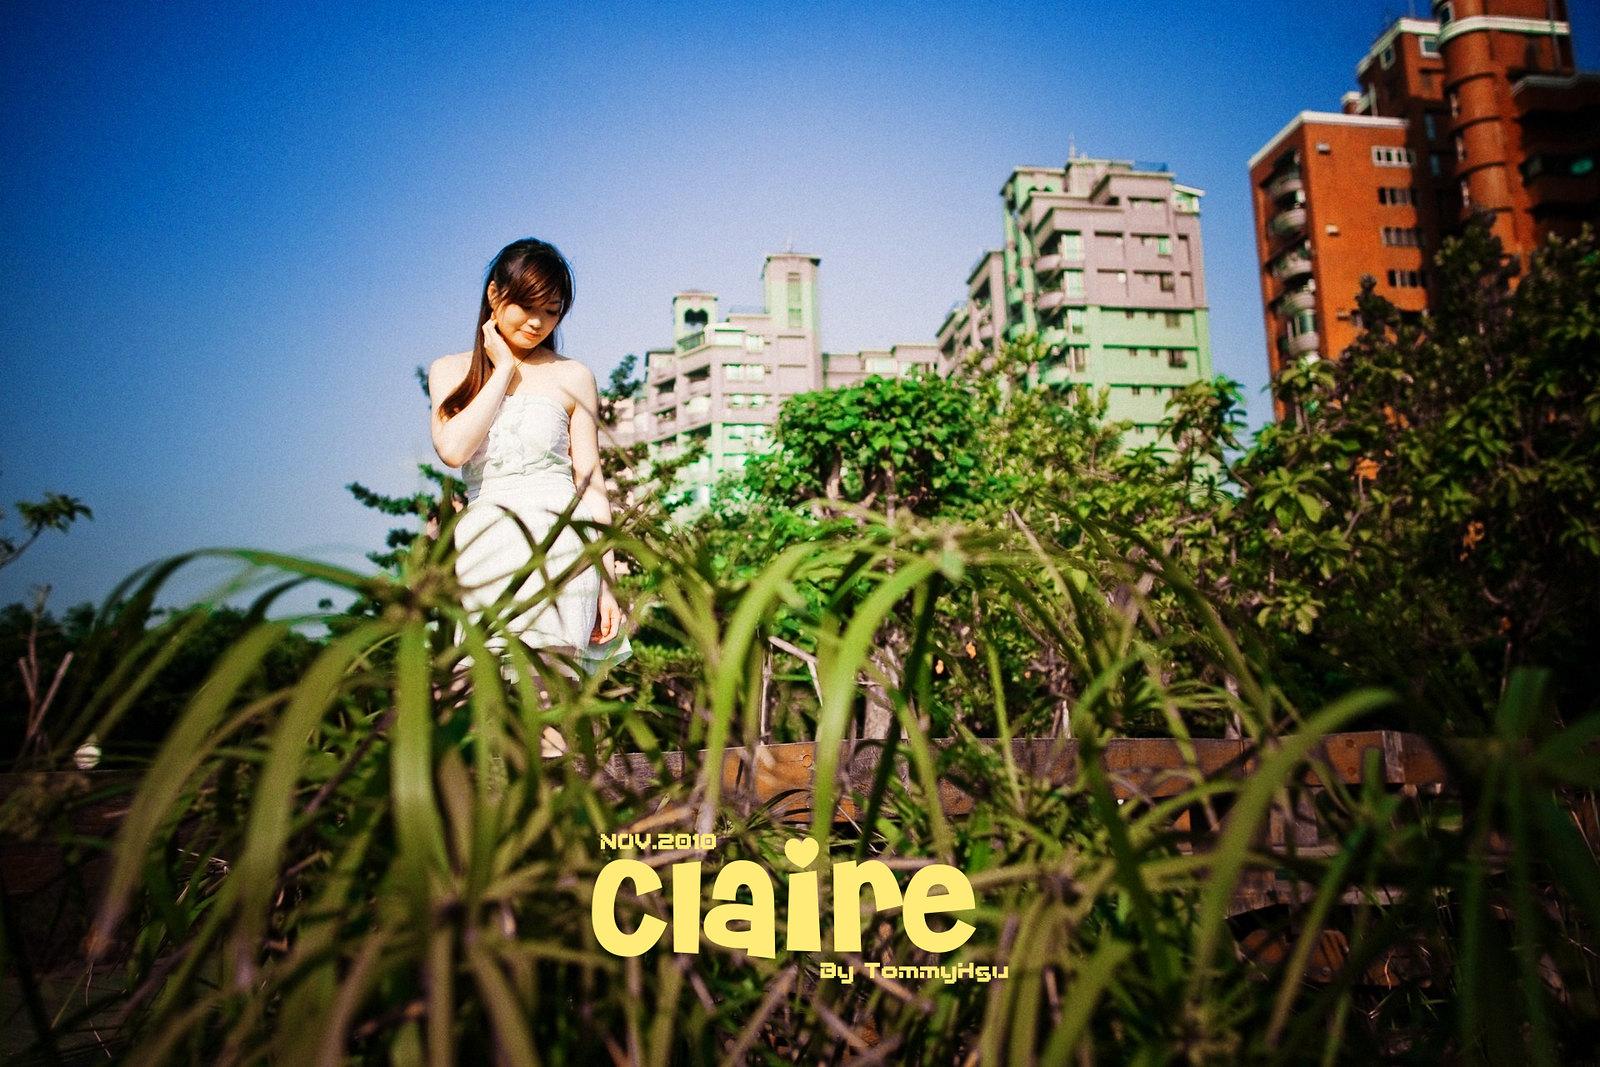 2010.11.20 Claire原生植物園